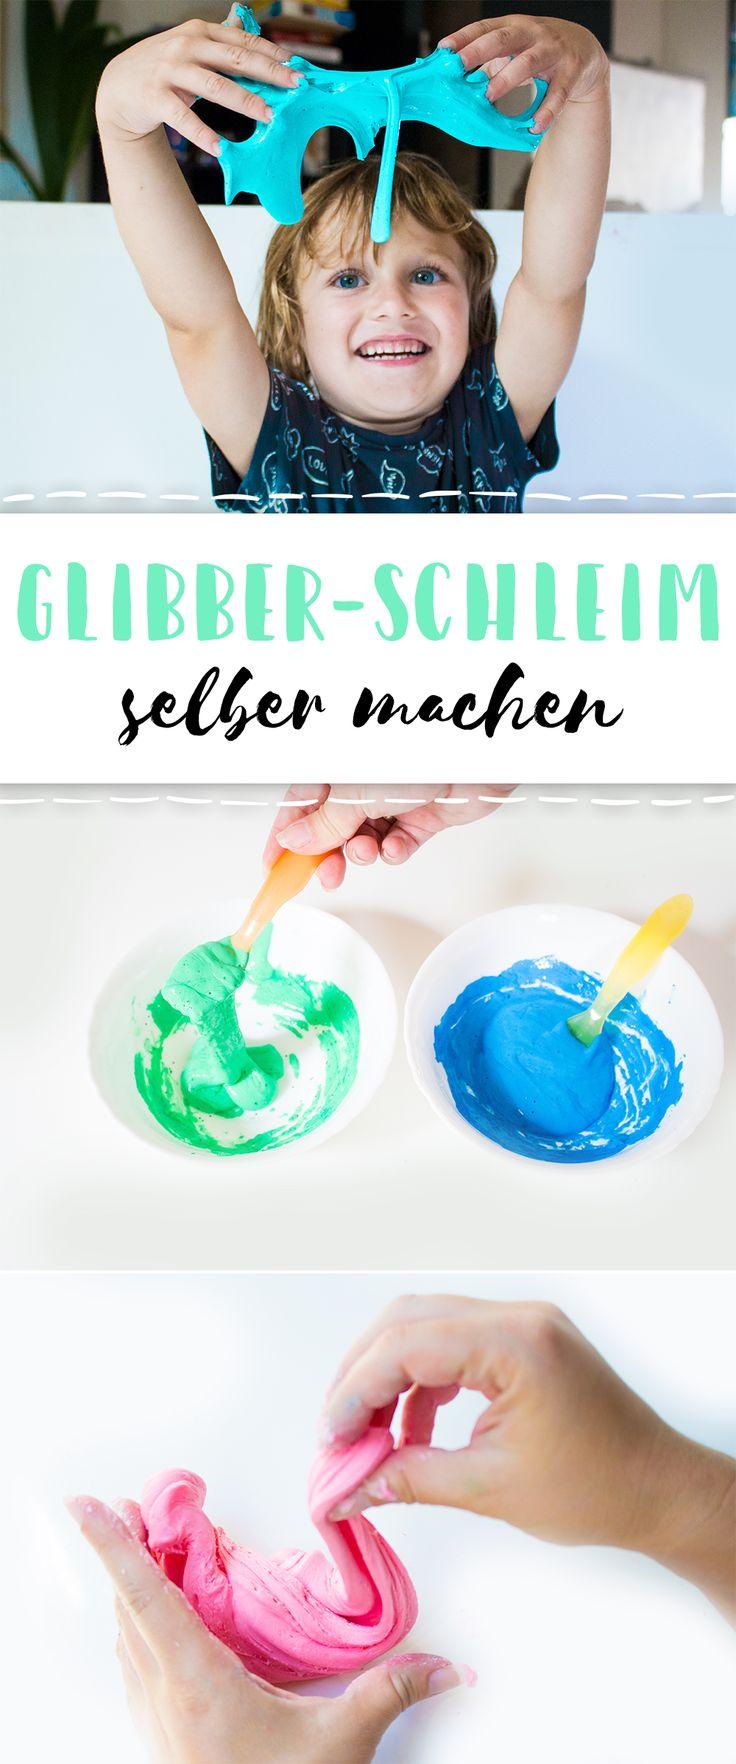 Glibber, Glibber - 2 einfache DIY-Anleitungen für den beliebten Spiel-Schleim